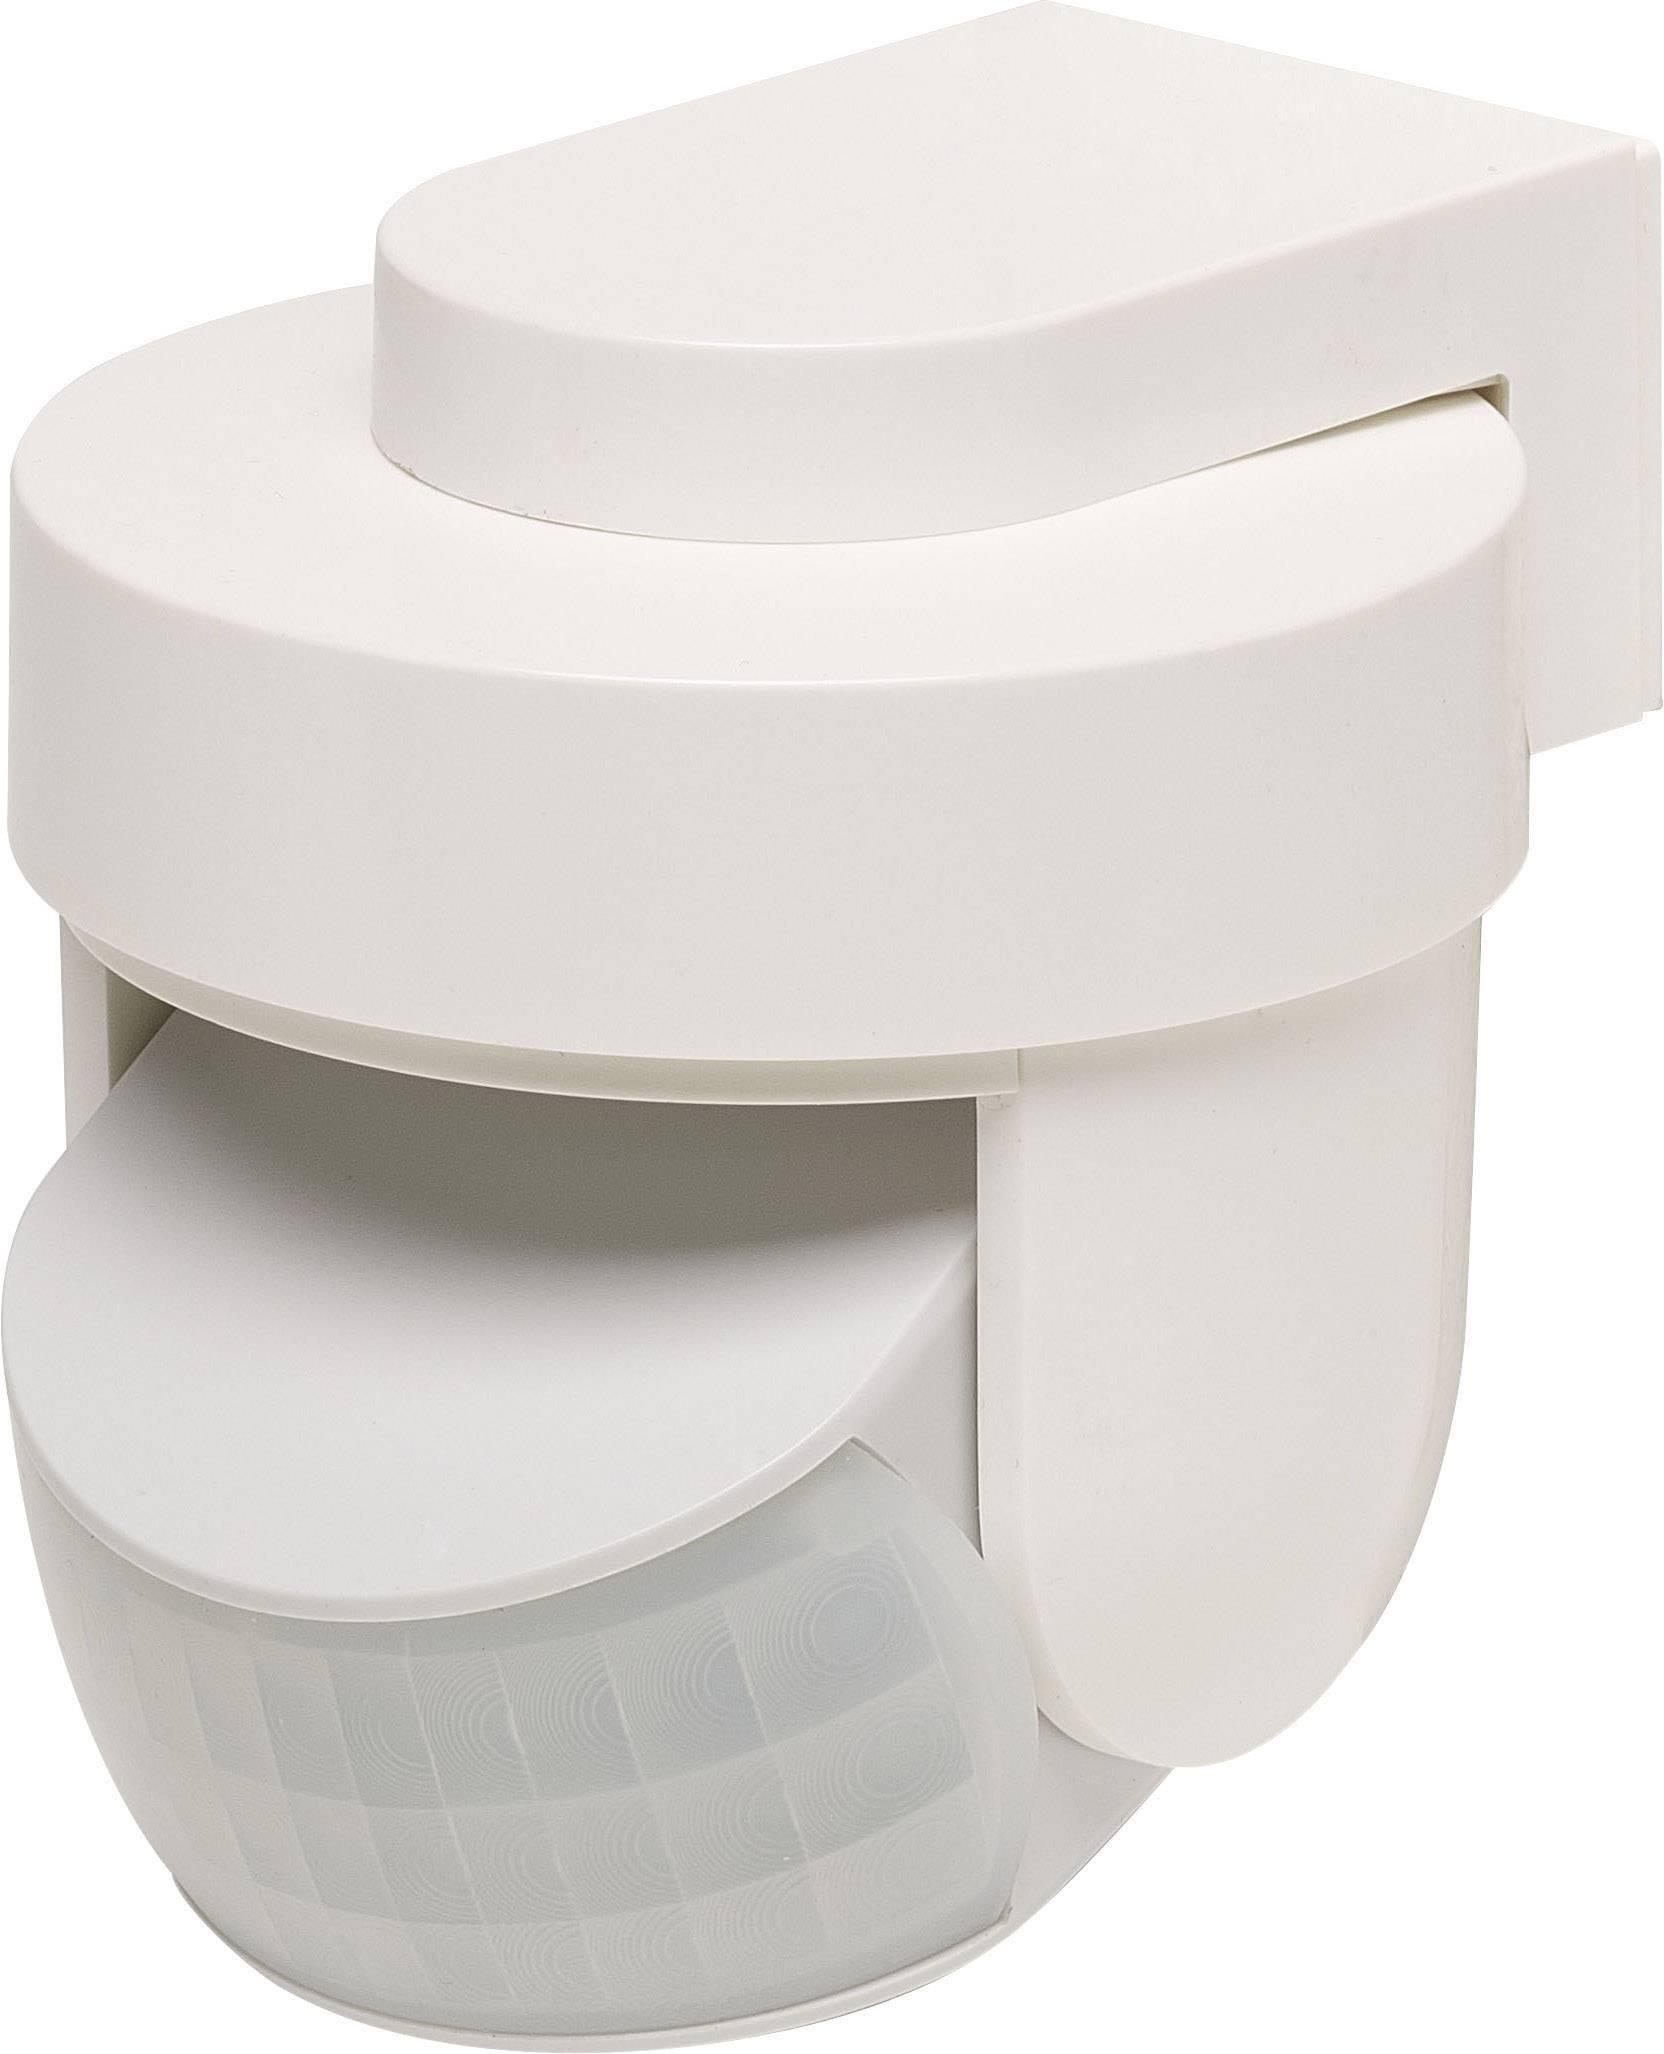 Bezdrôtový vonkajší LIR senzor HomeMatic HM-Sen-MDIR-O